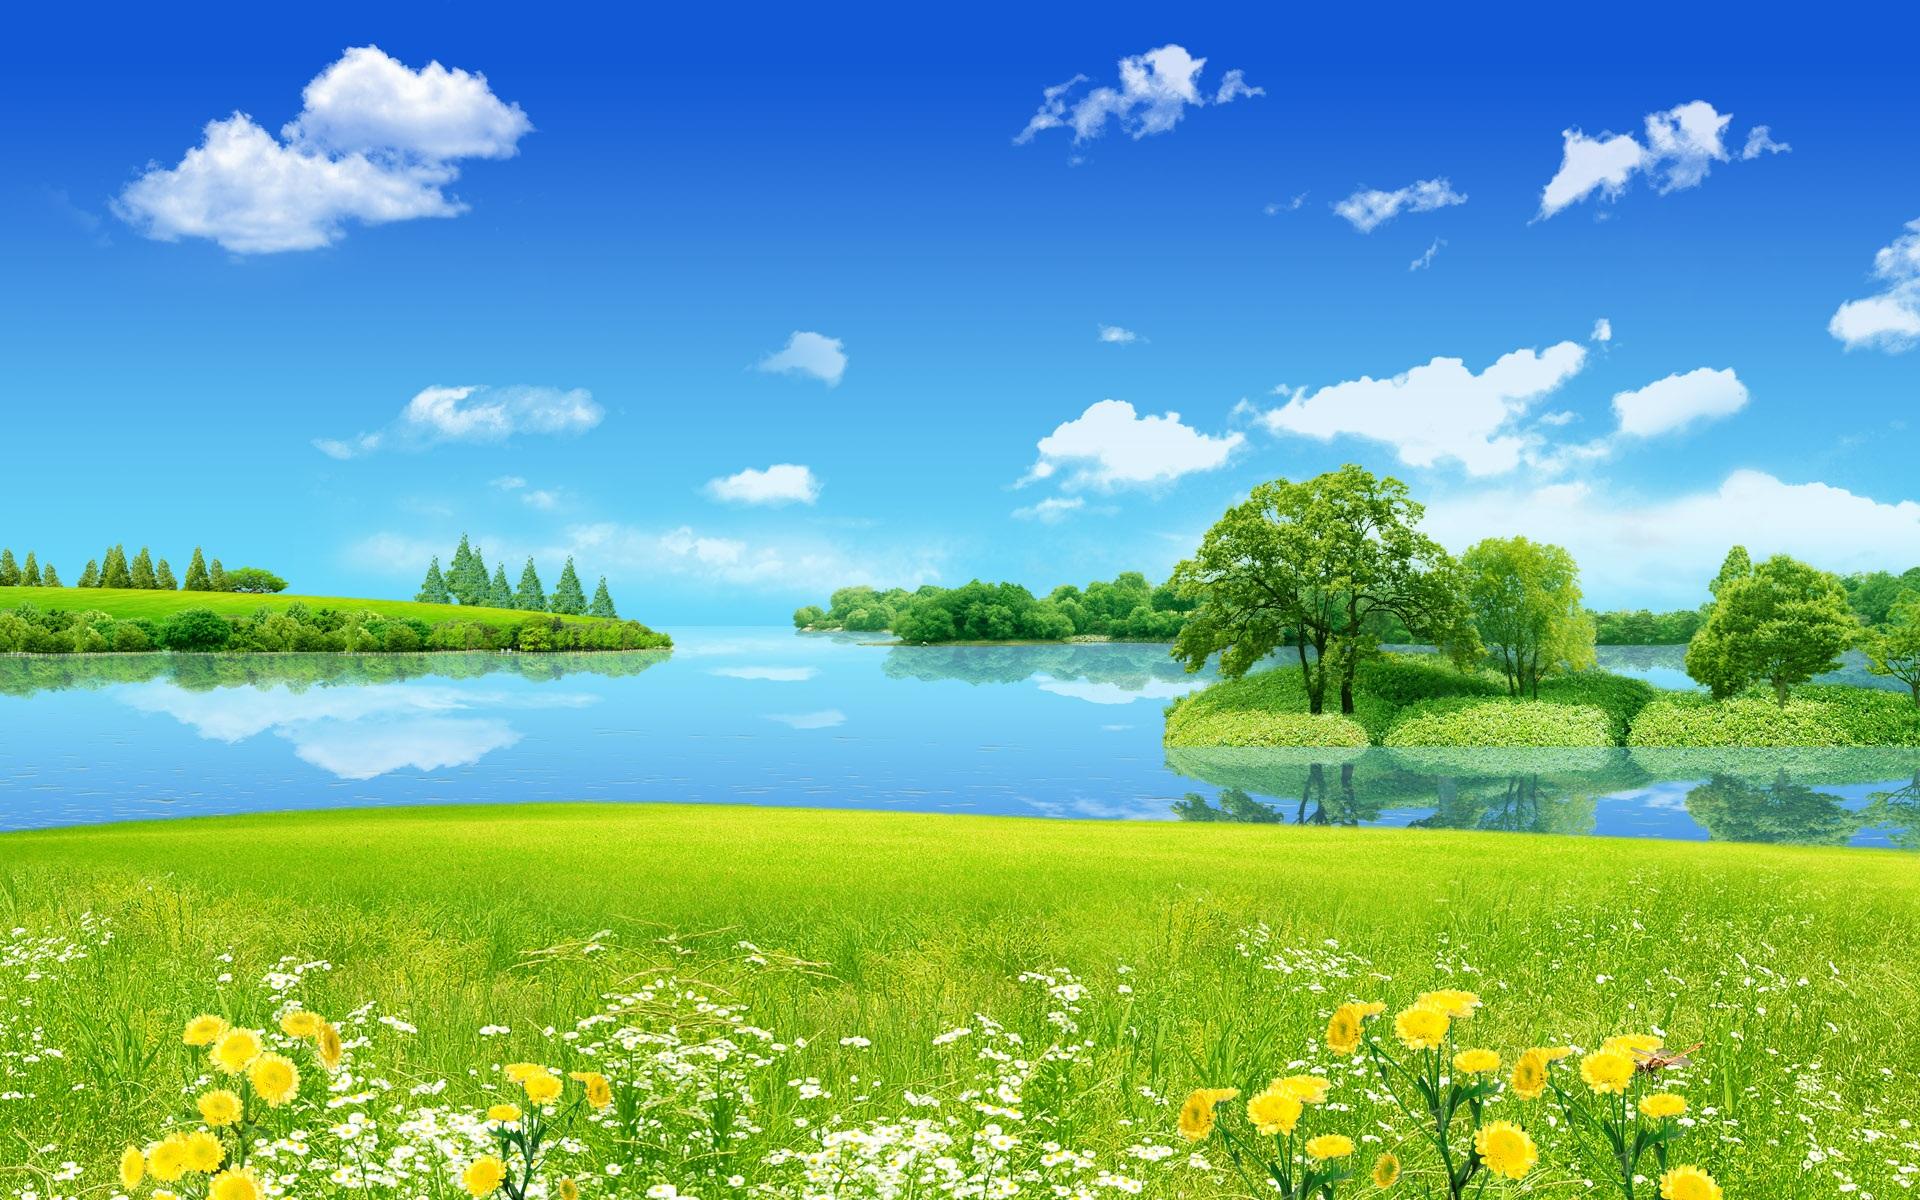 Fonds d 39 cran r ve de paysages d 39 t 1920x1200 hd image for Fond ecran gratuit paysage ete